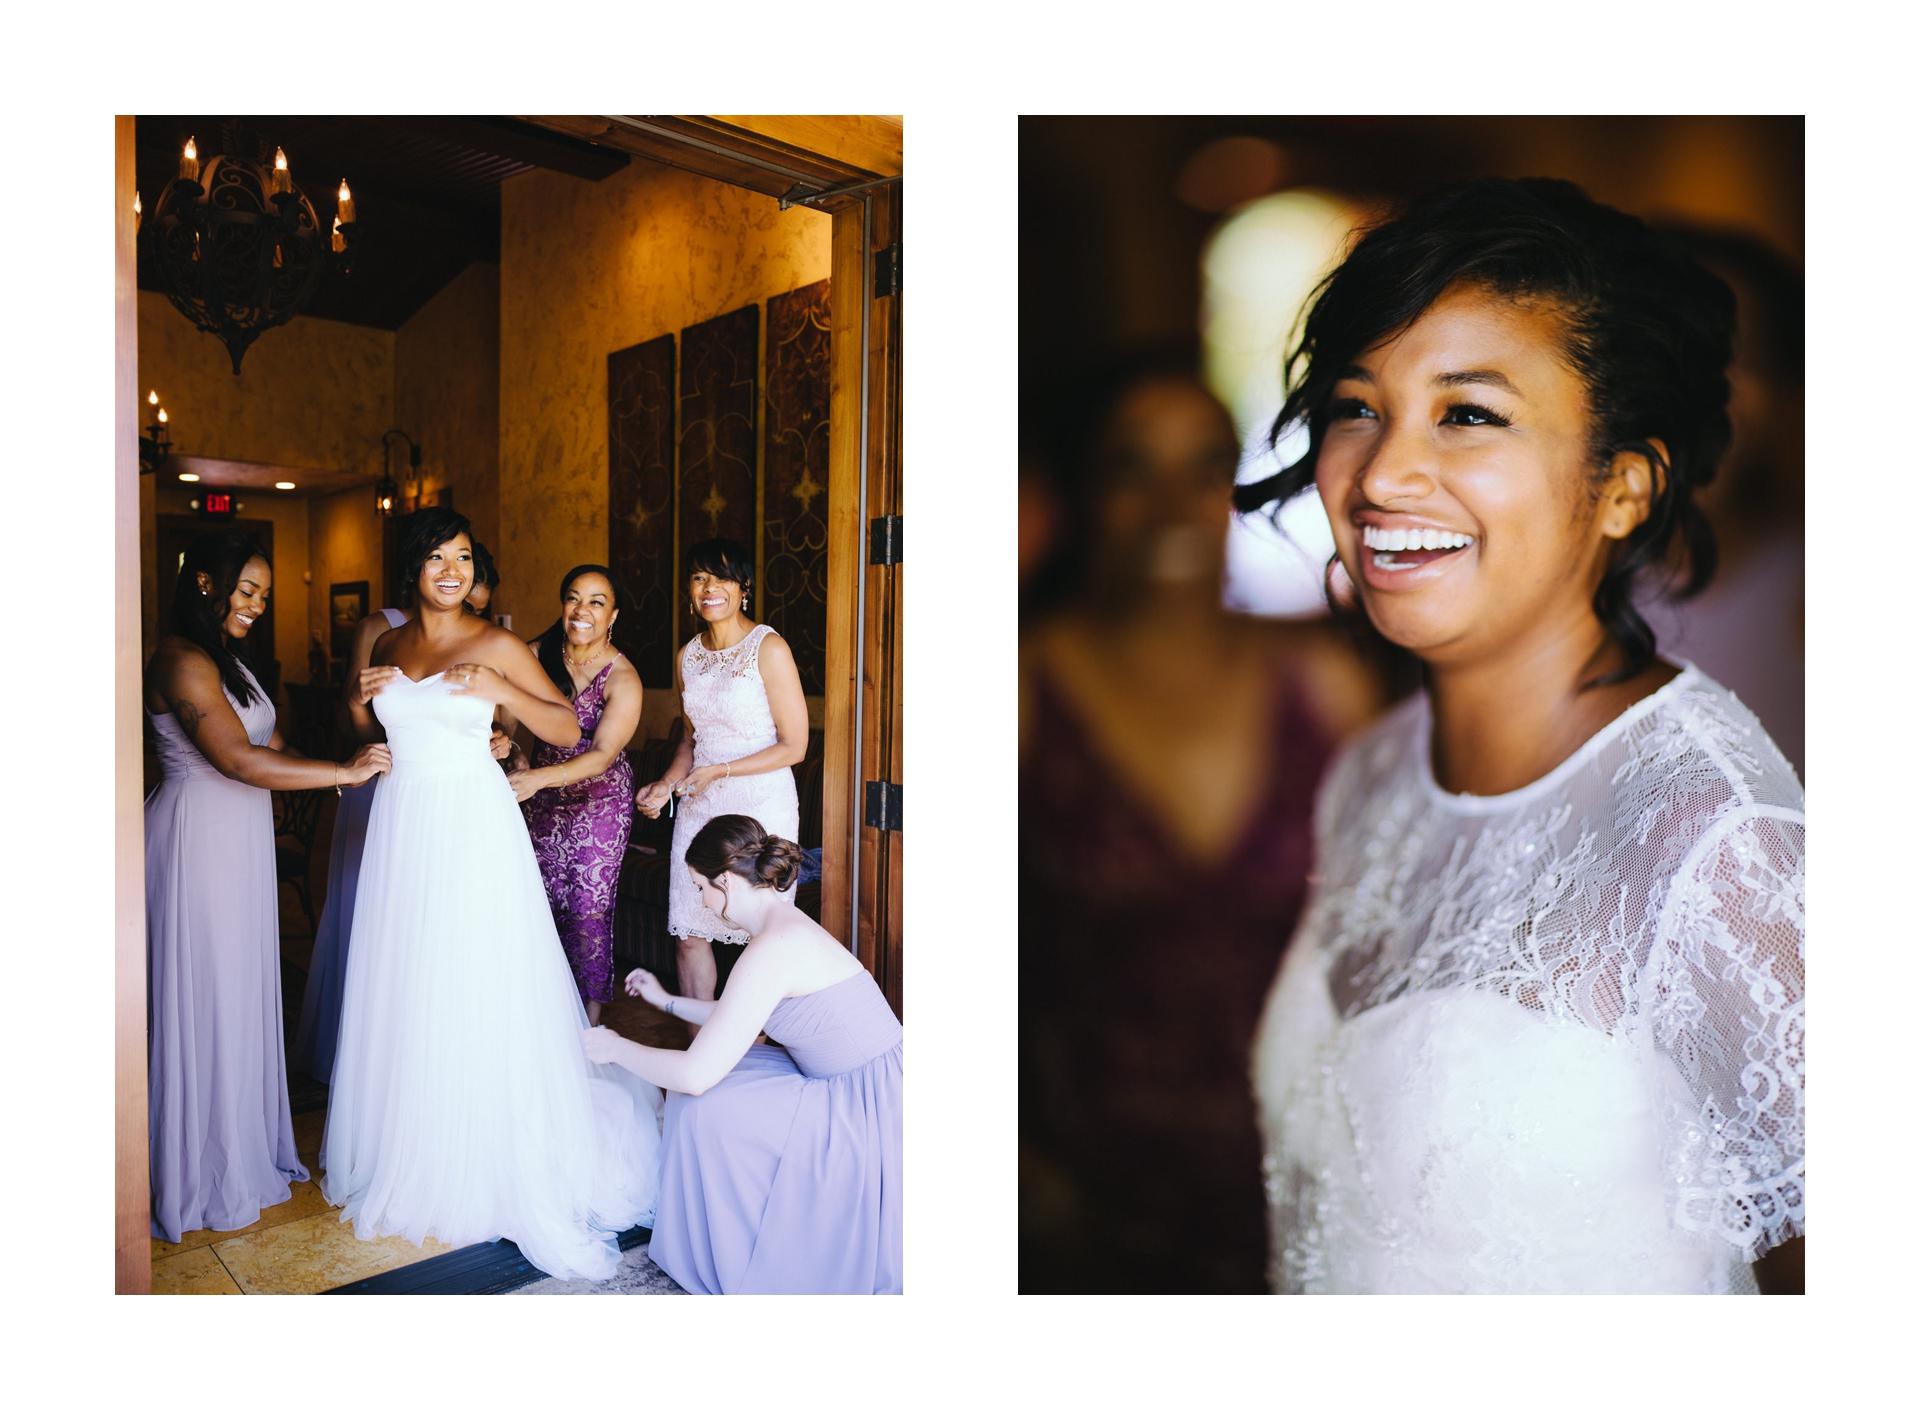 Gervasi Wedding Photographer in Canton Ohio 17.jpg